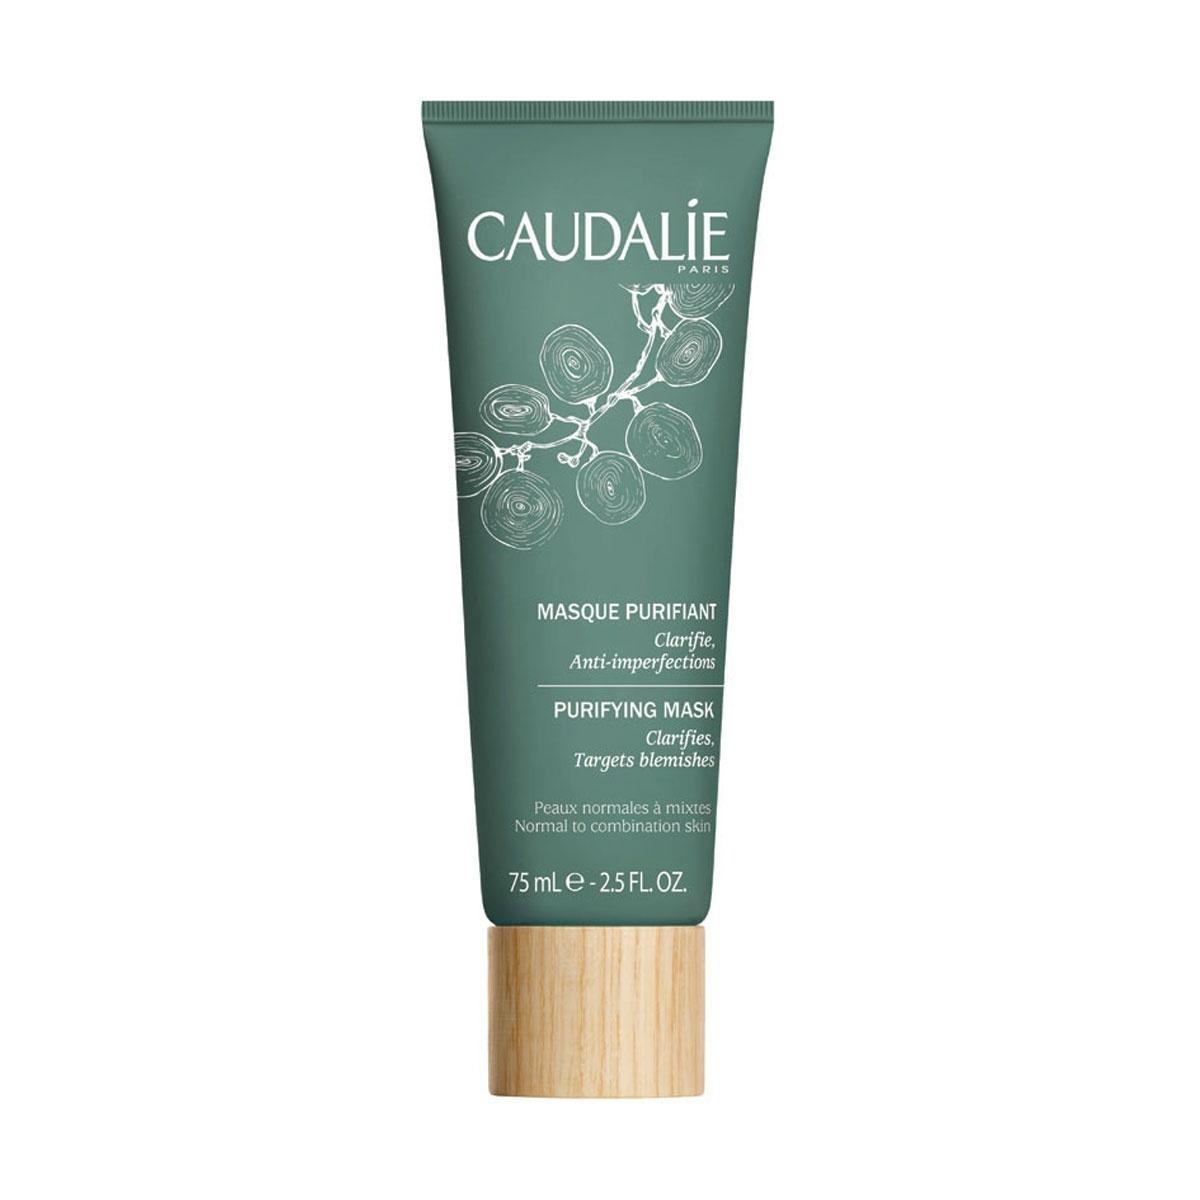 Caudalie - Mascara Purificante 75ml